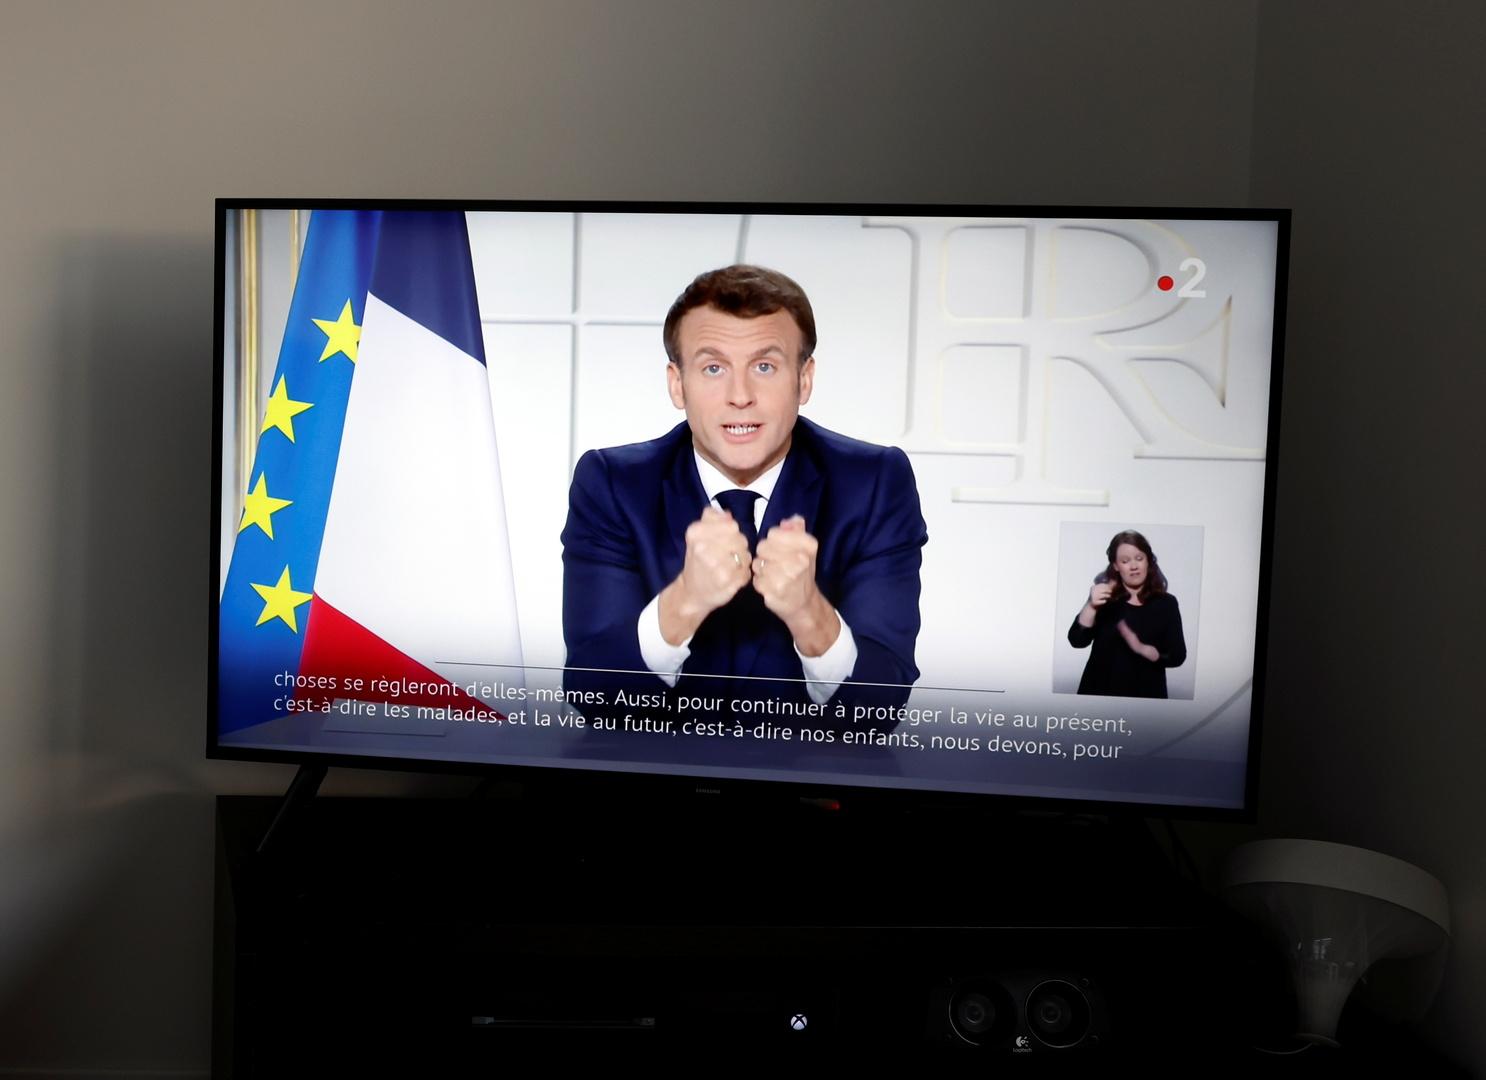 ماكرون في مرمى الانتقادات لتعامله مع أزمة كورونا.. فهل ستؤثر على مصيره في انتخابات 2022؟